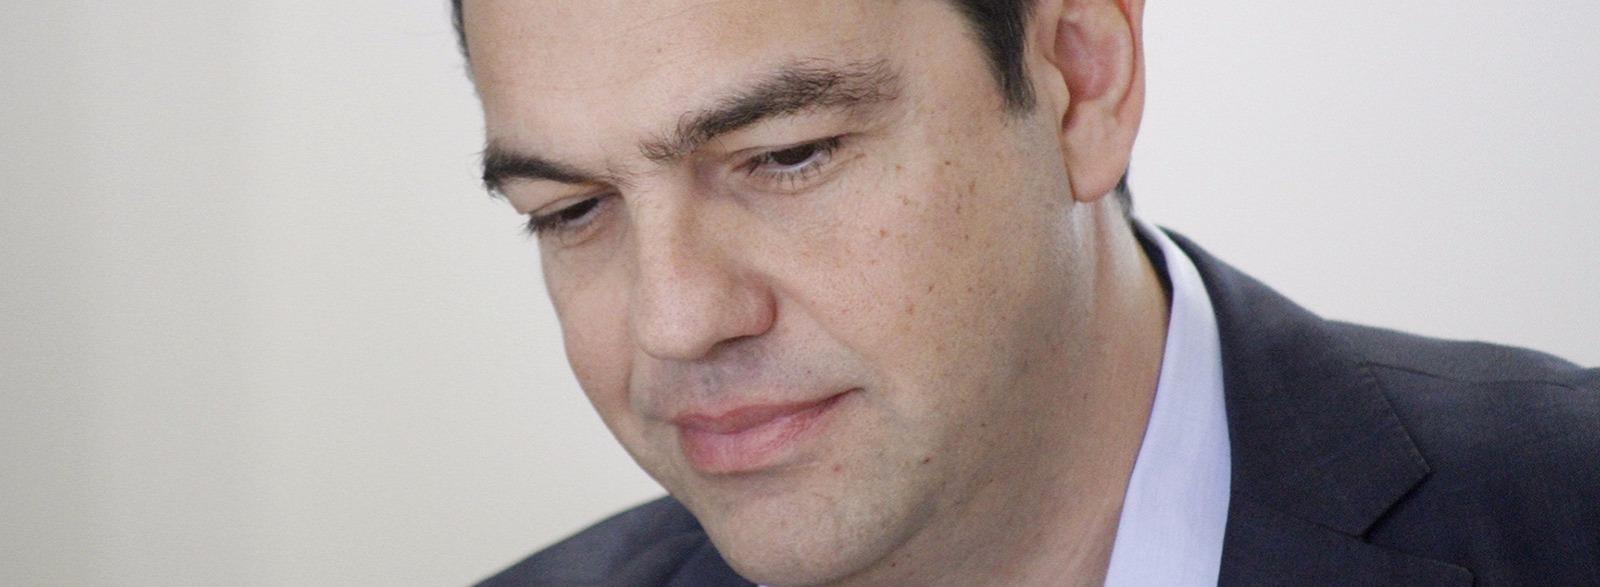 Grèce : L'éternel recommencement